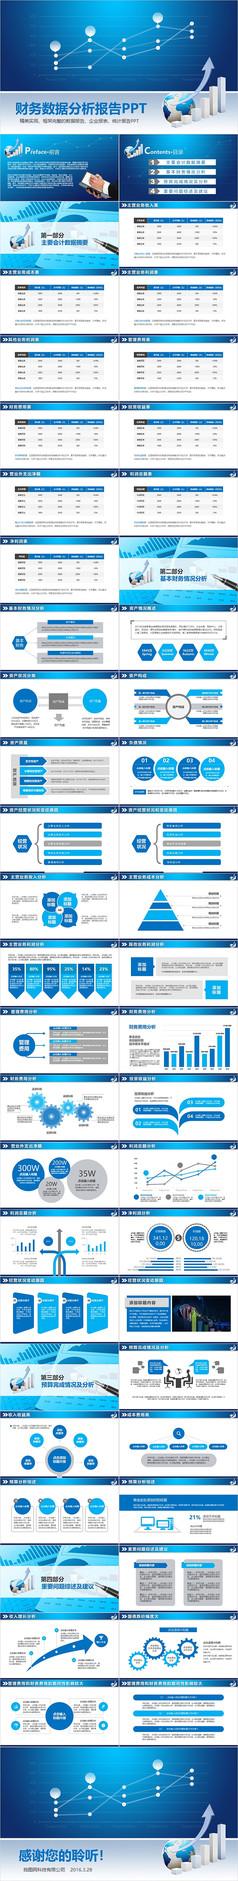 企业财务数据分析统计报告通用P